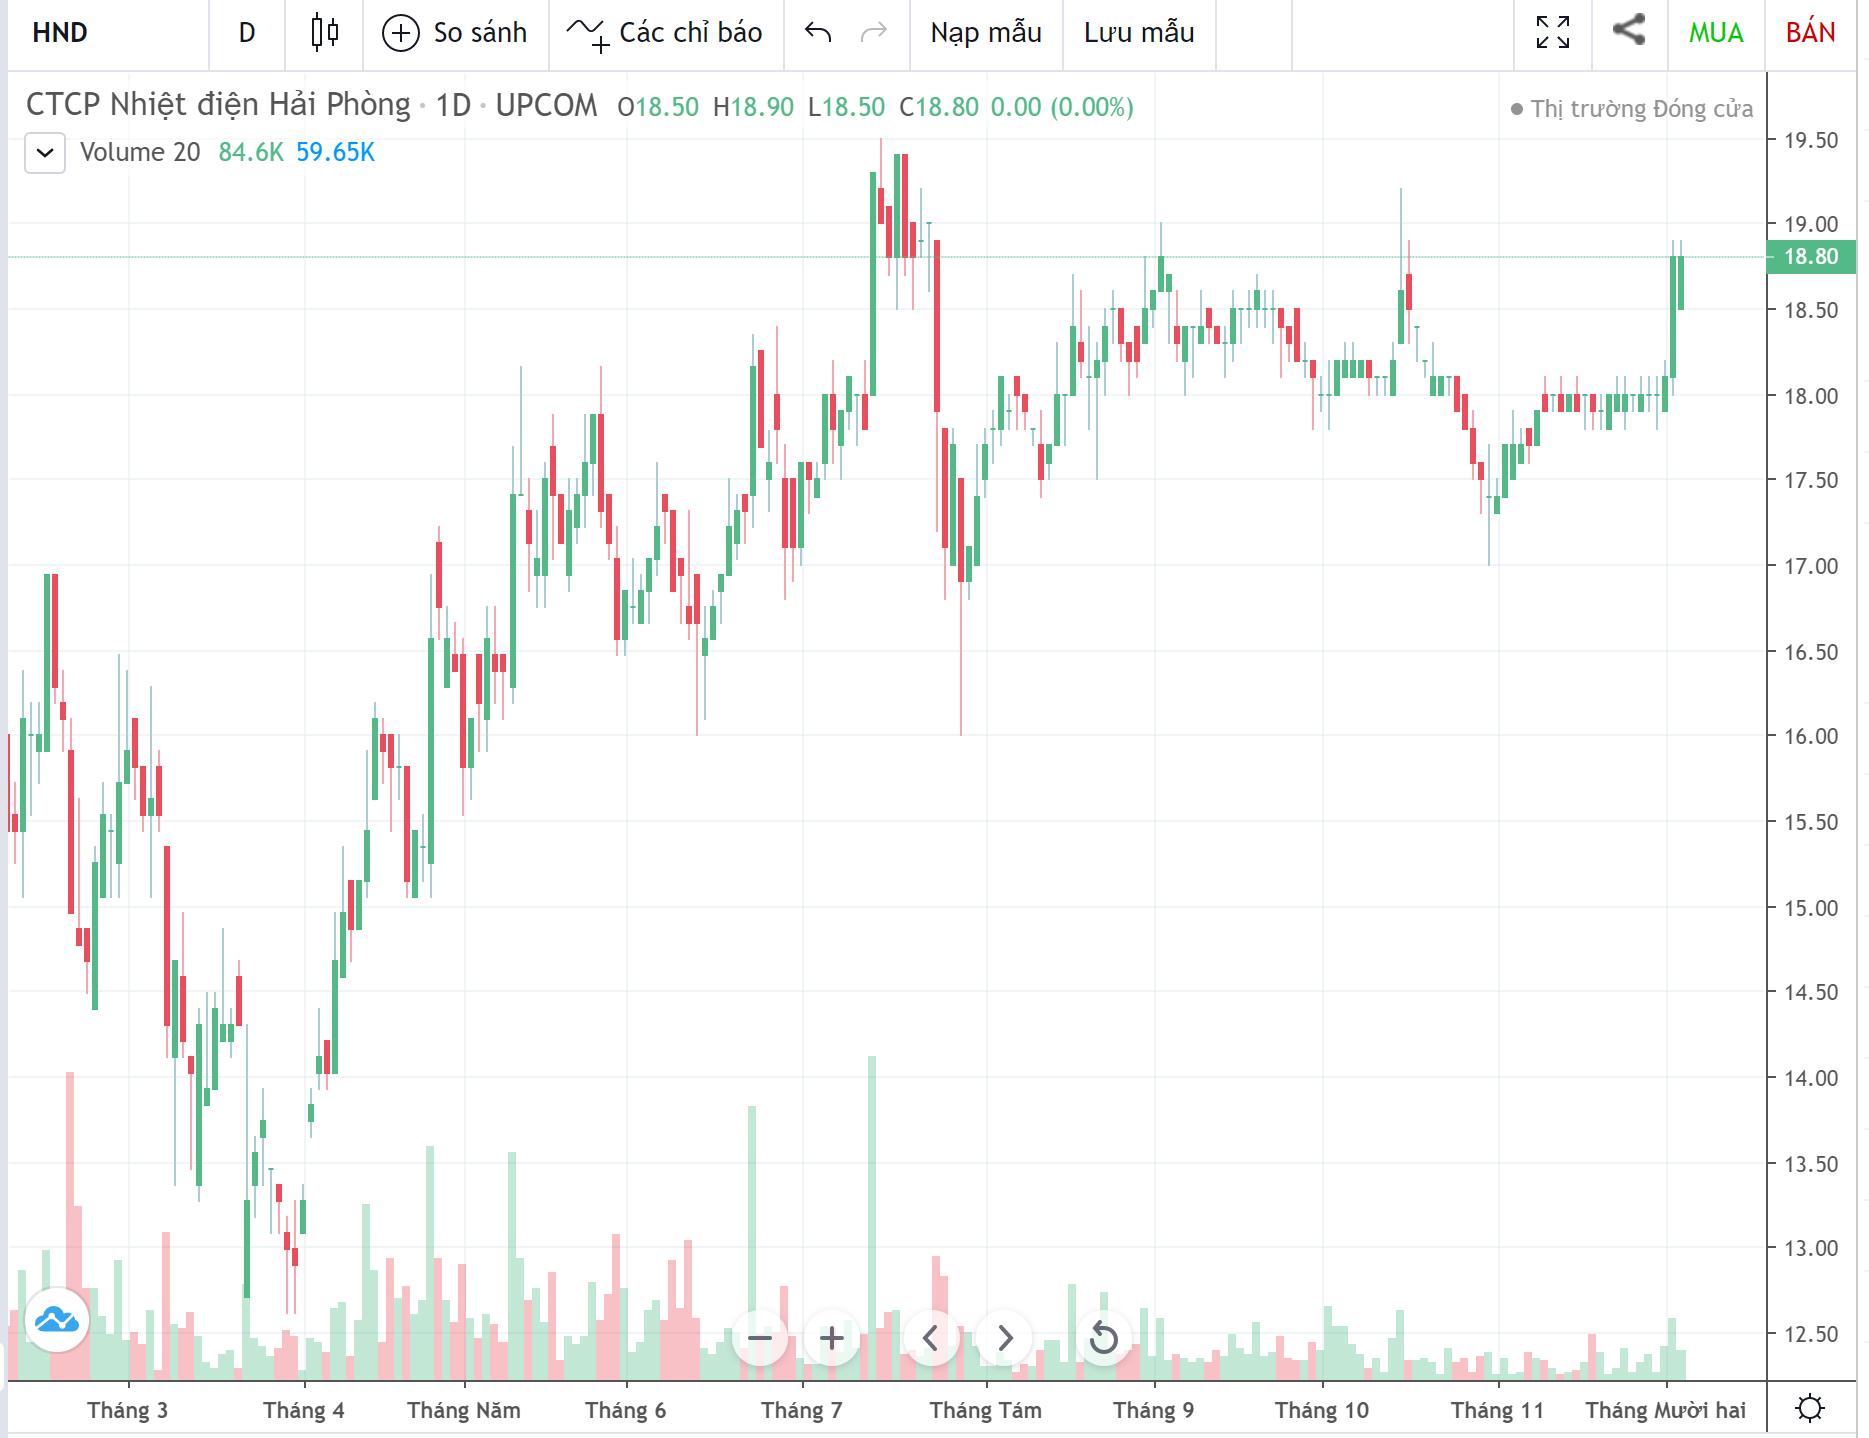 Cổ phiếu tâm điểm ngày 4/12: TCB, OIL, VCR, HND - Ảnh 5.